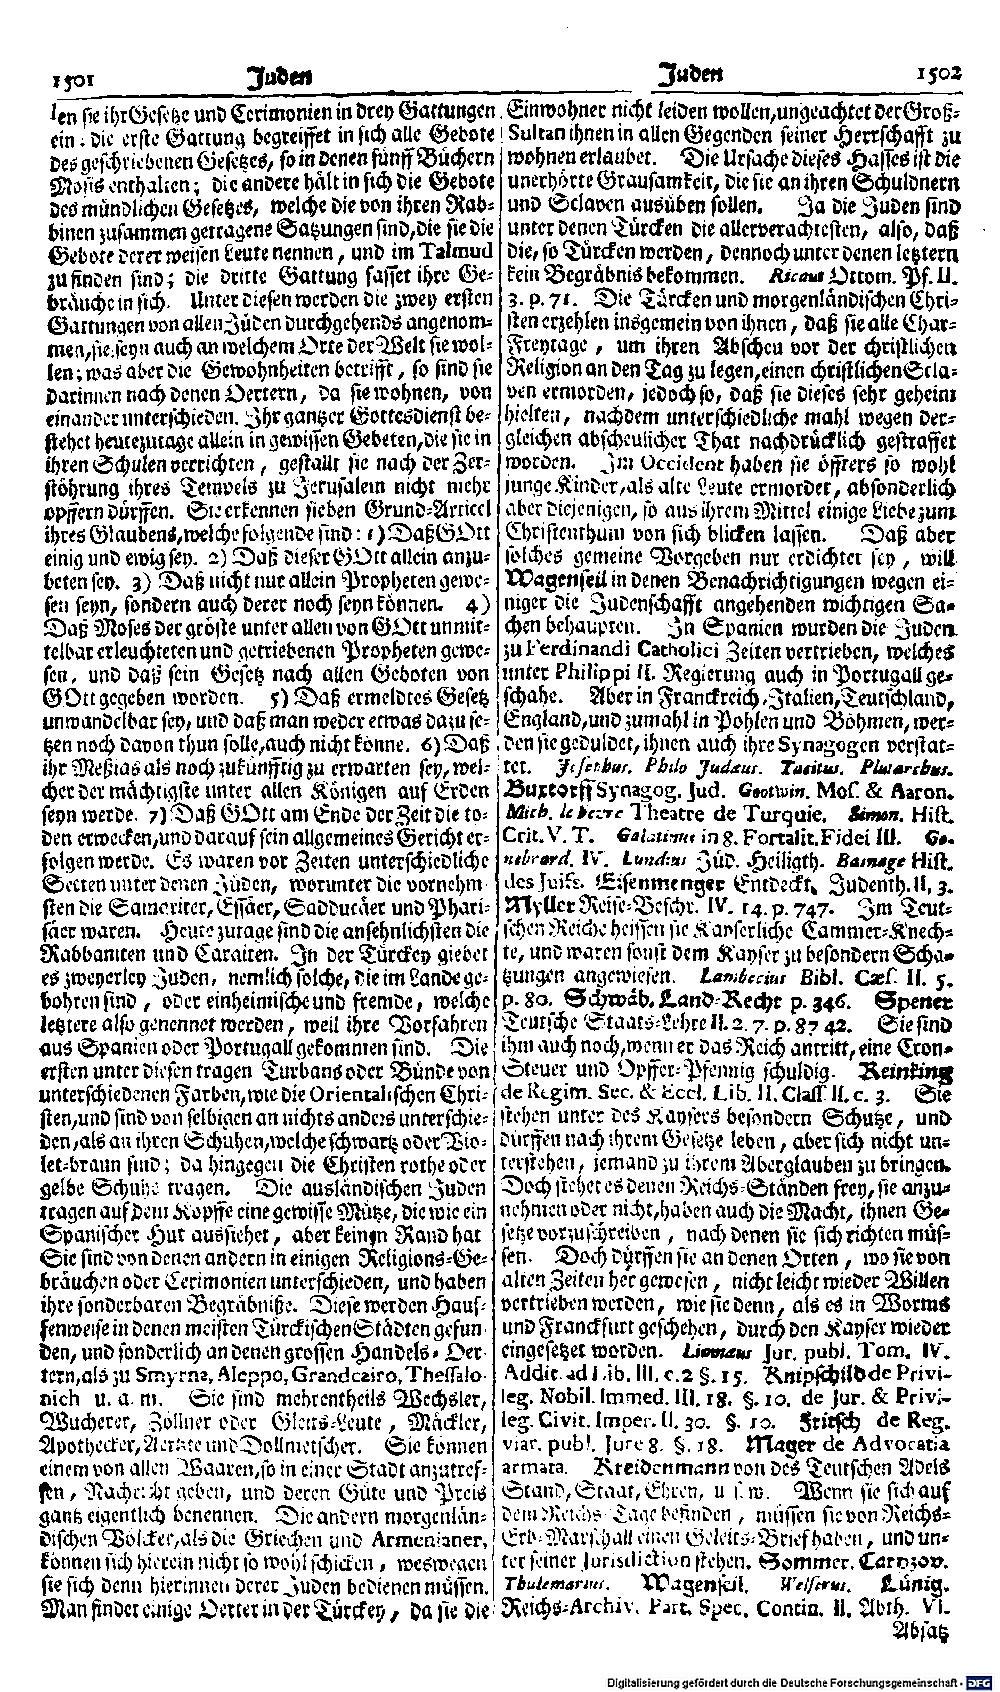 Bd. 14, Seite 0784.